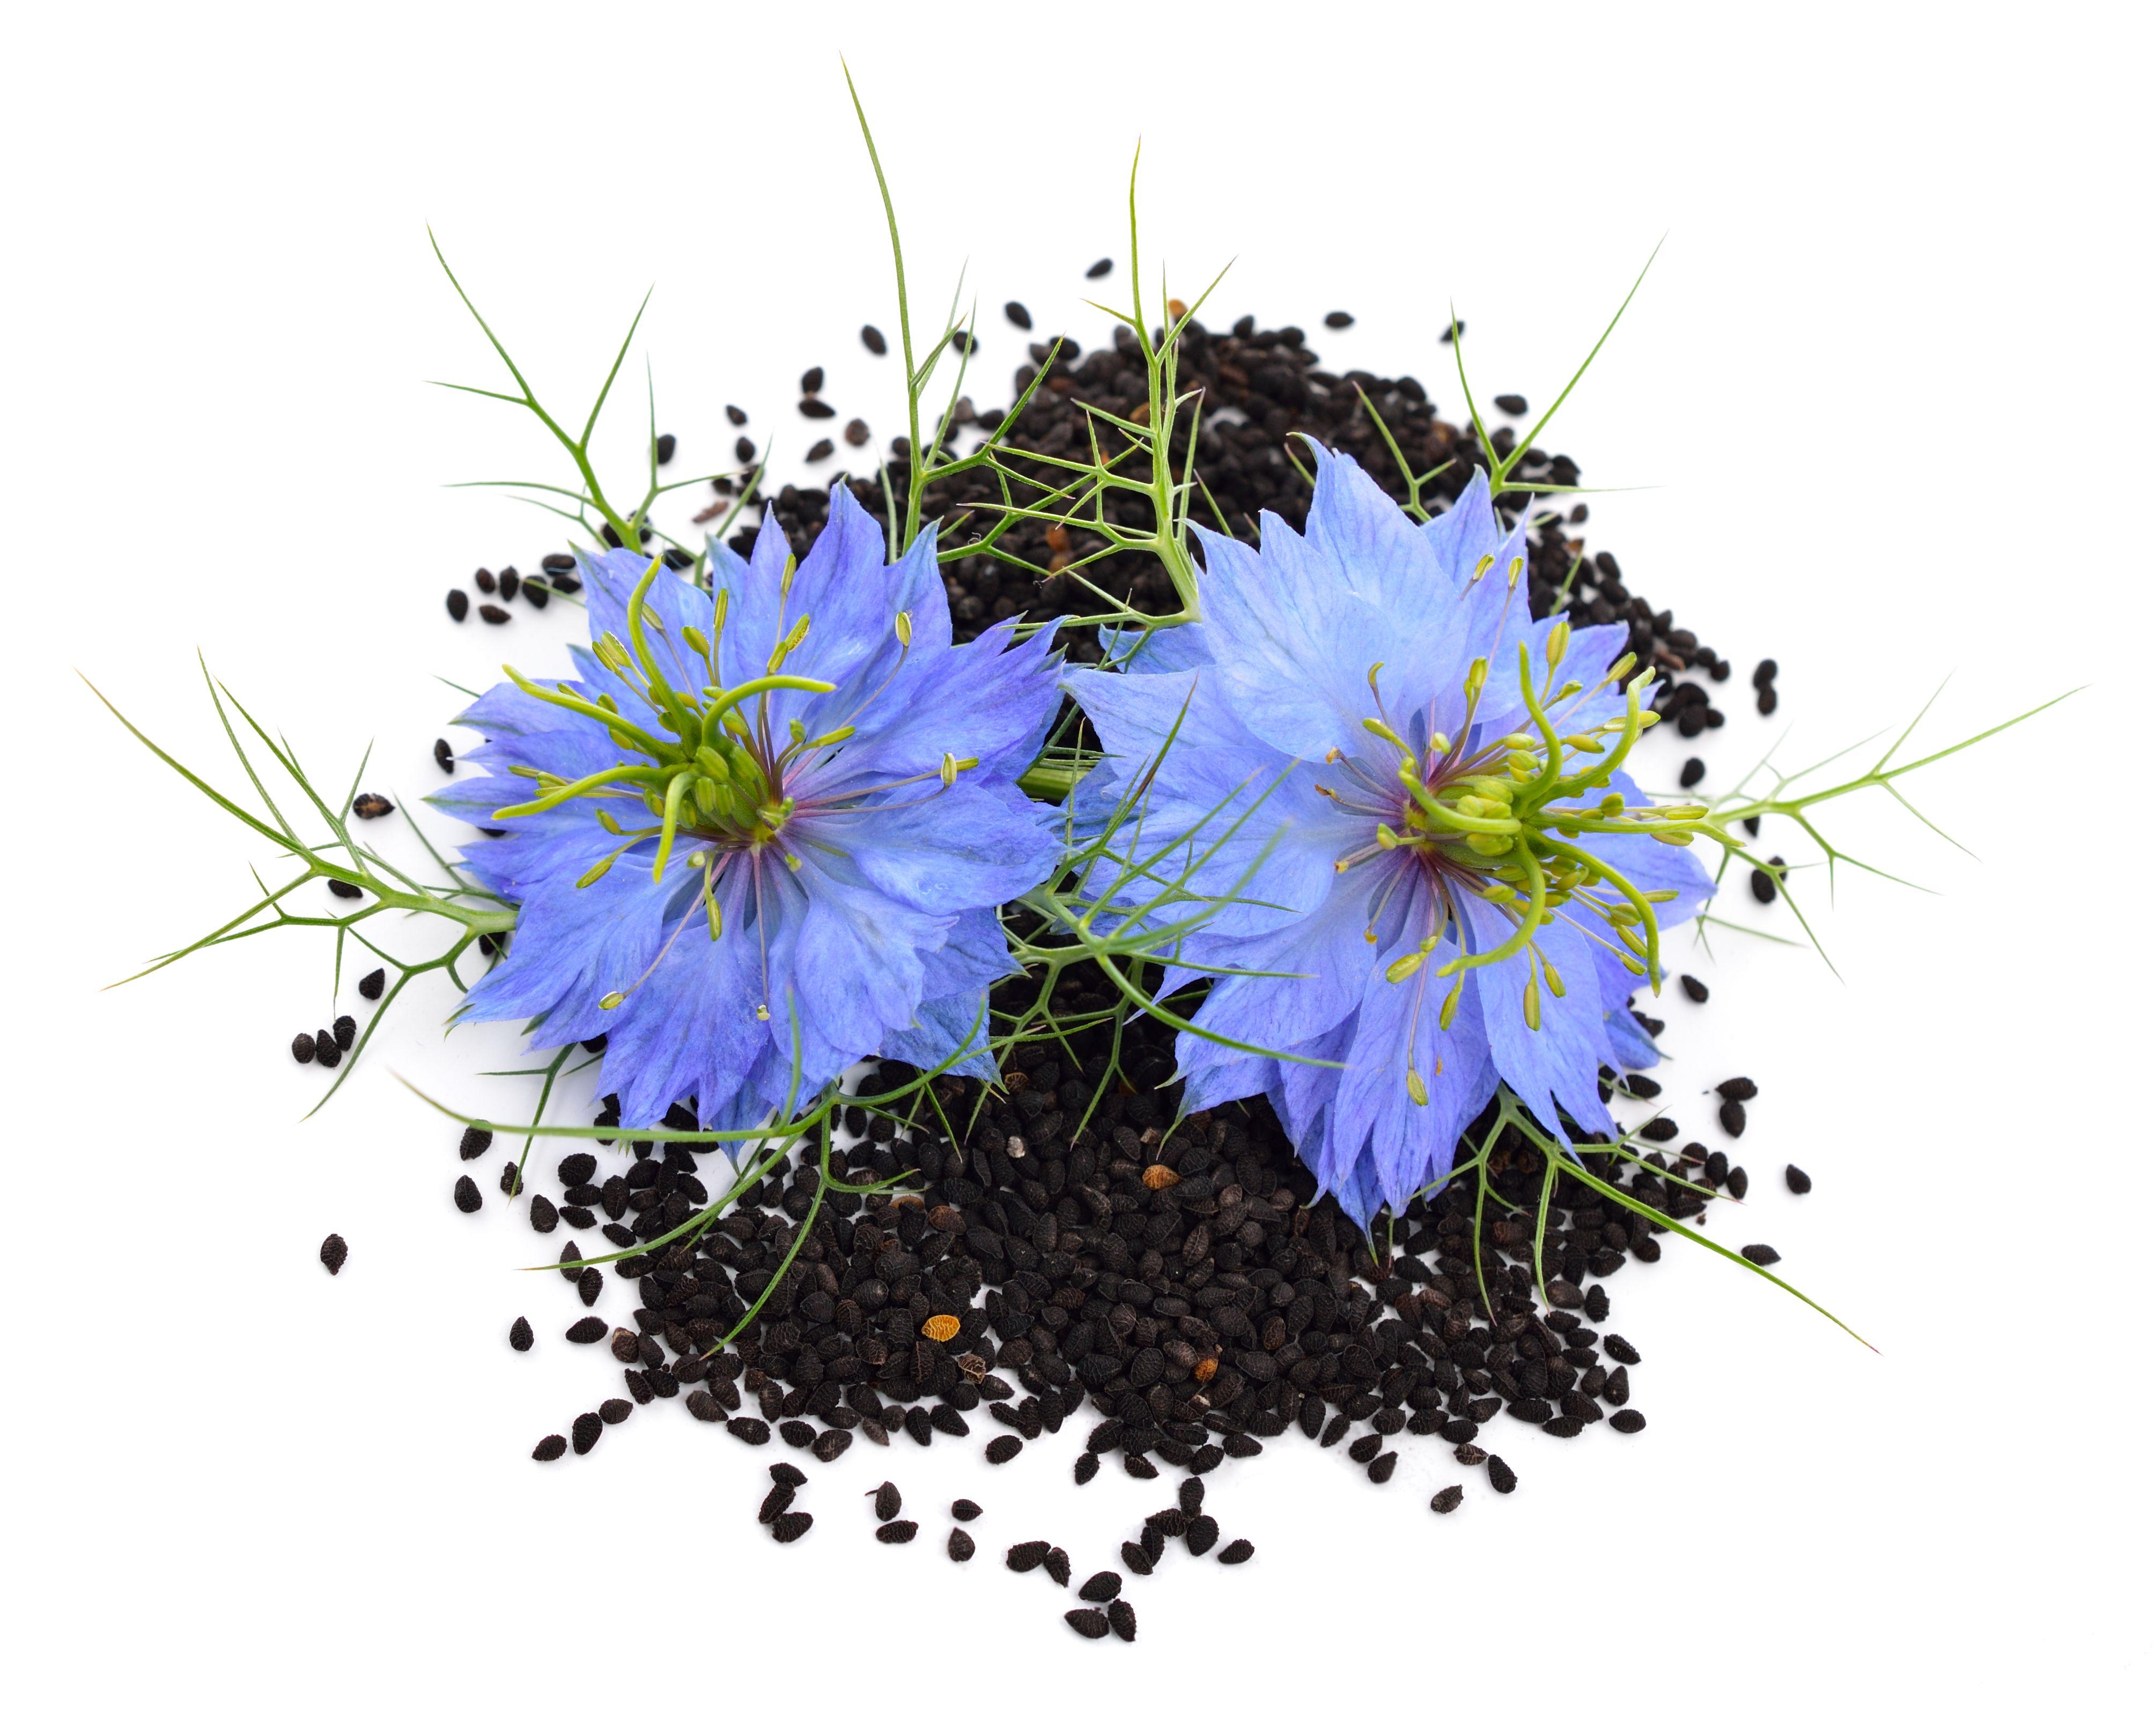 black-seed1.jpg